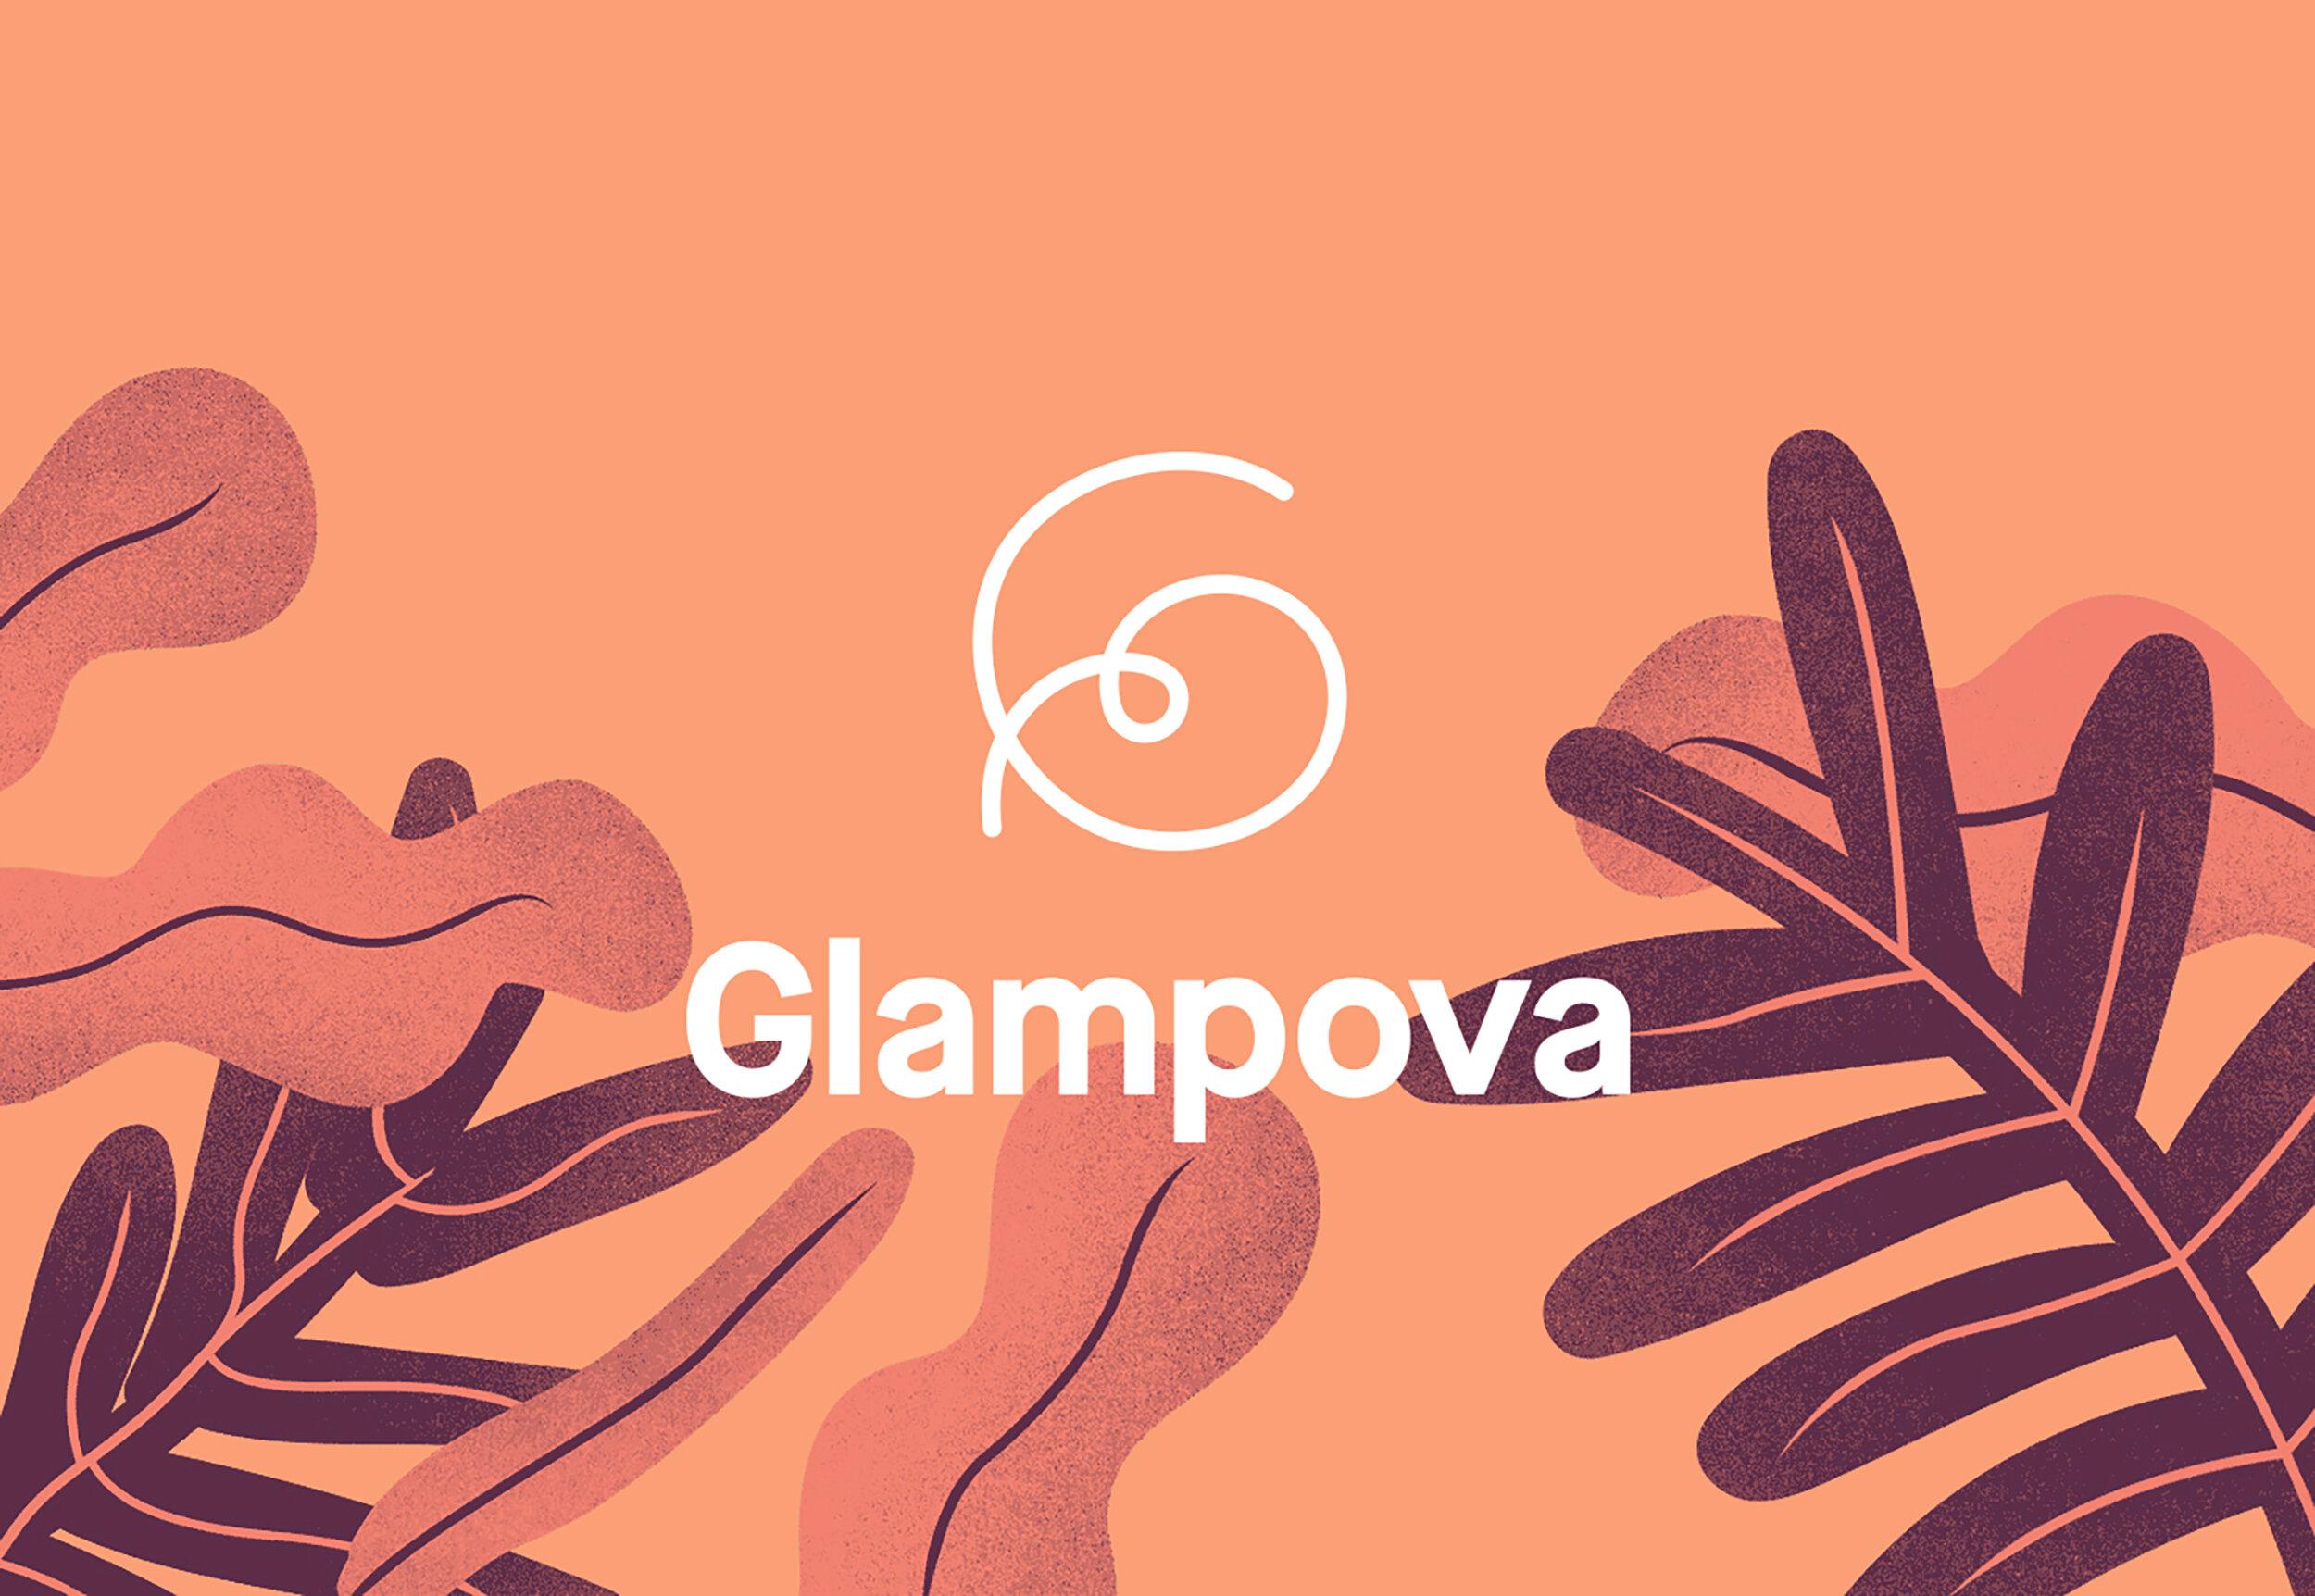 Glampova2-1.jpg